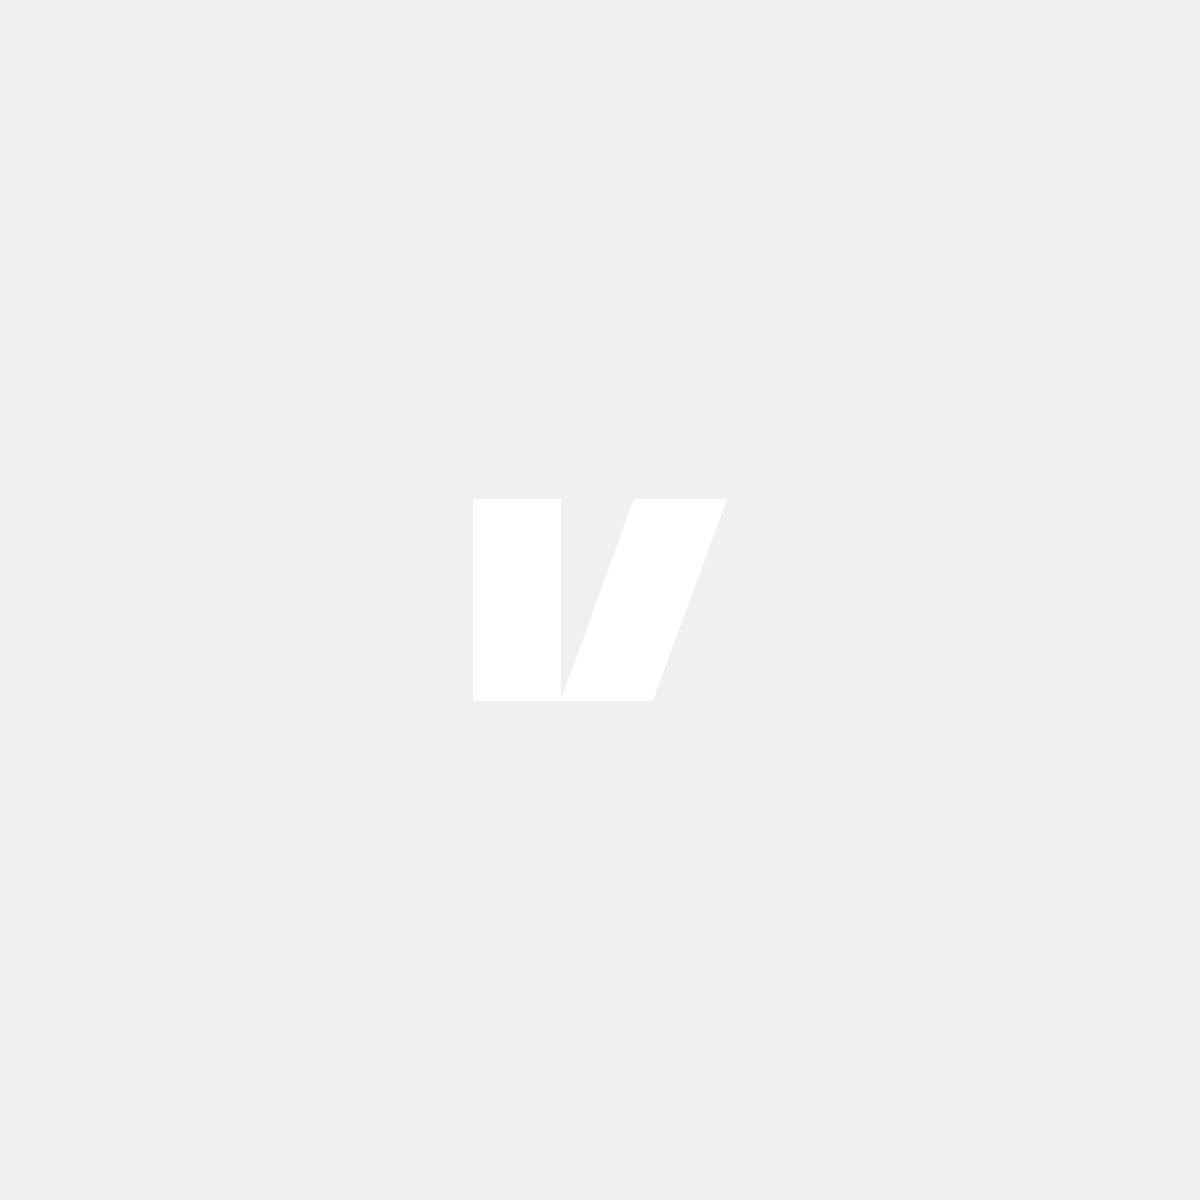 Frontläpp till Volvo S70R, V70R 97-00, kolfiberlook